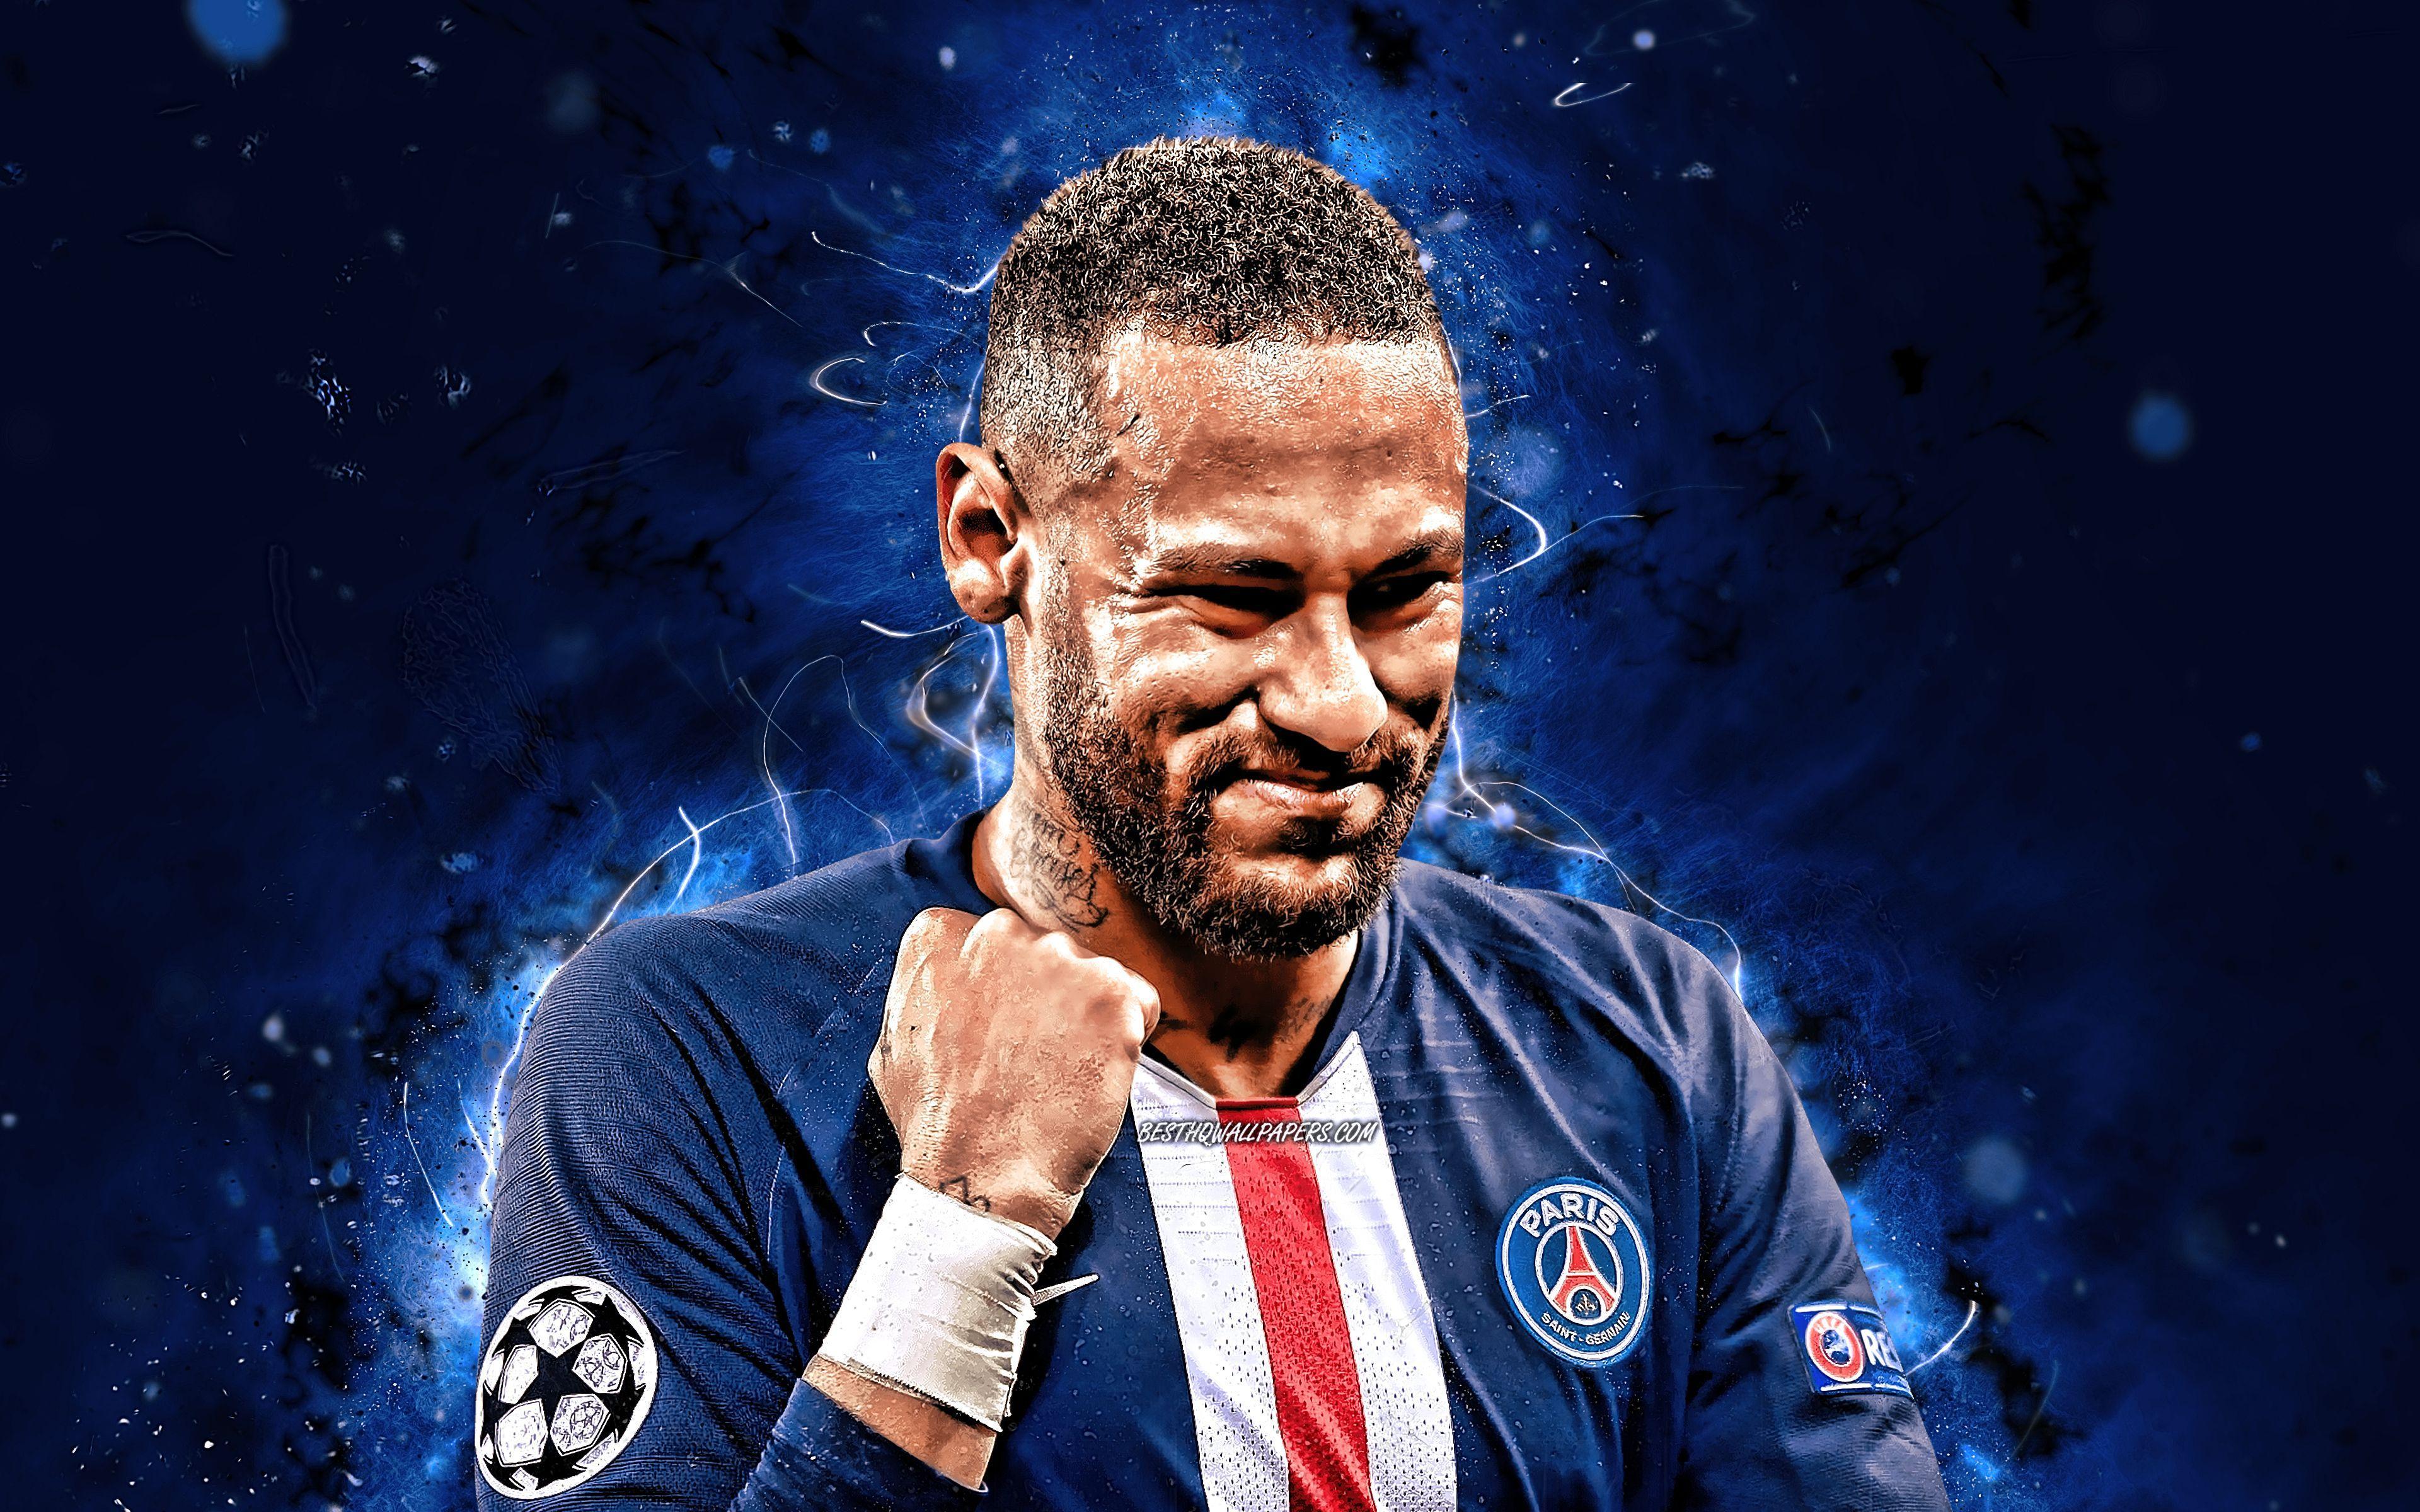 Neymar 2020 Desktop Wallpapers - Top Free Neymar 2020 ...